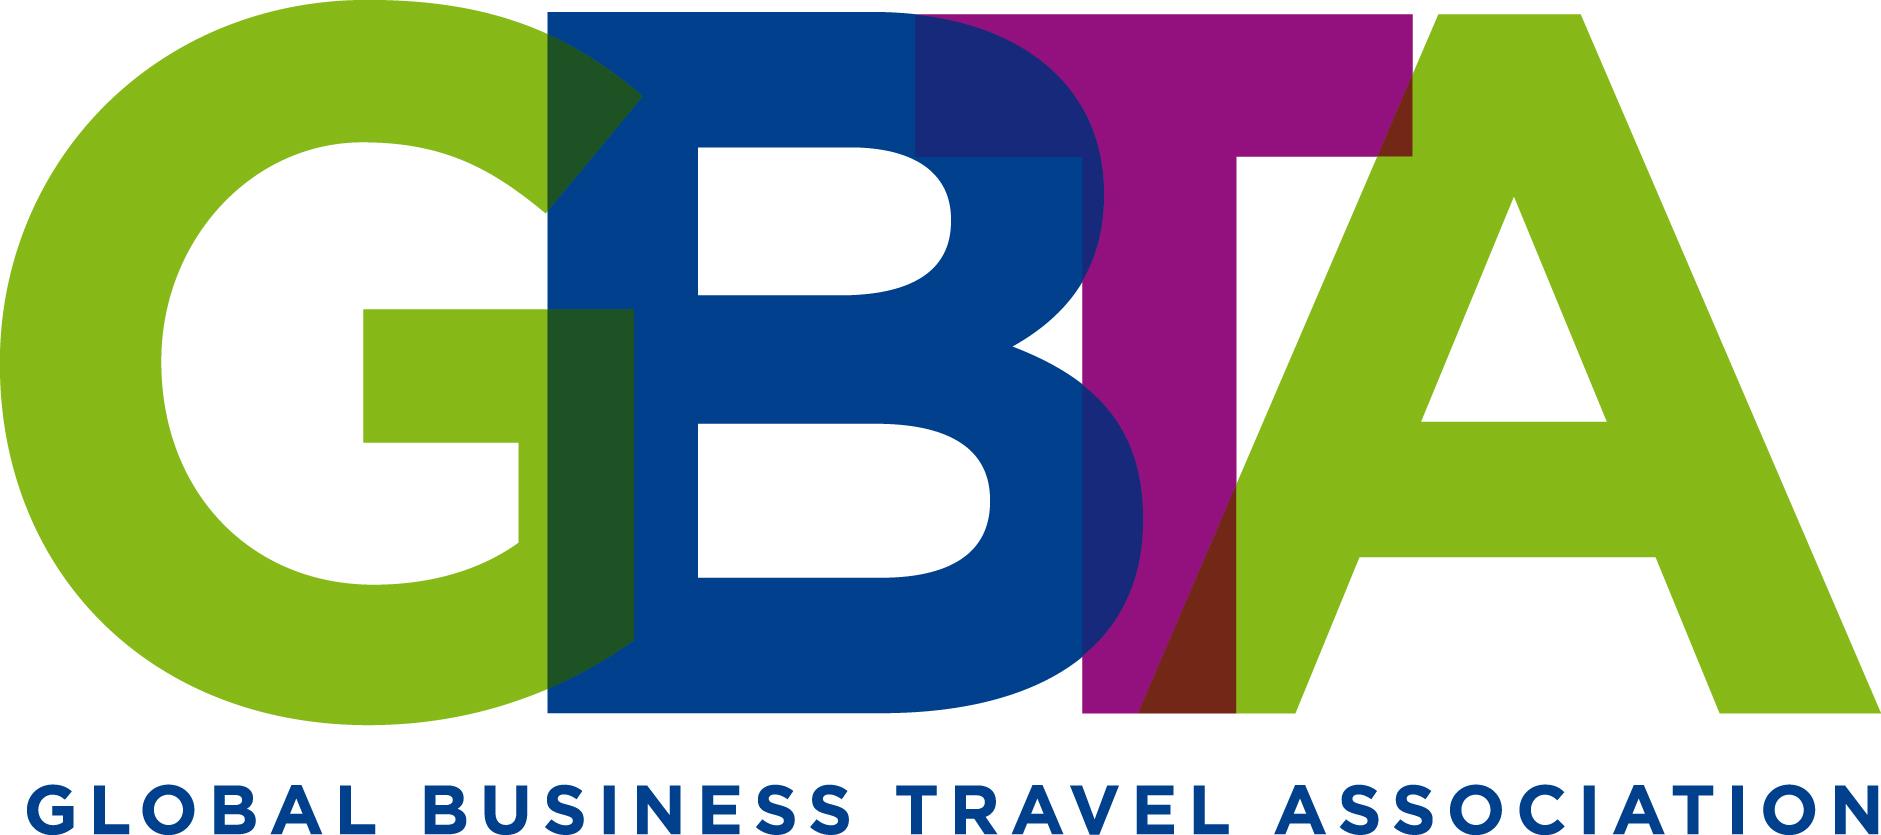 GBTA_logo.jpg